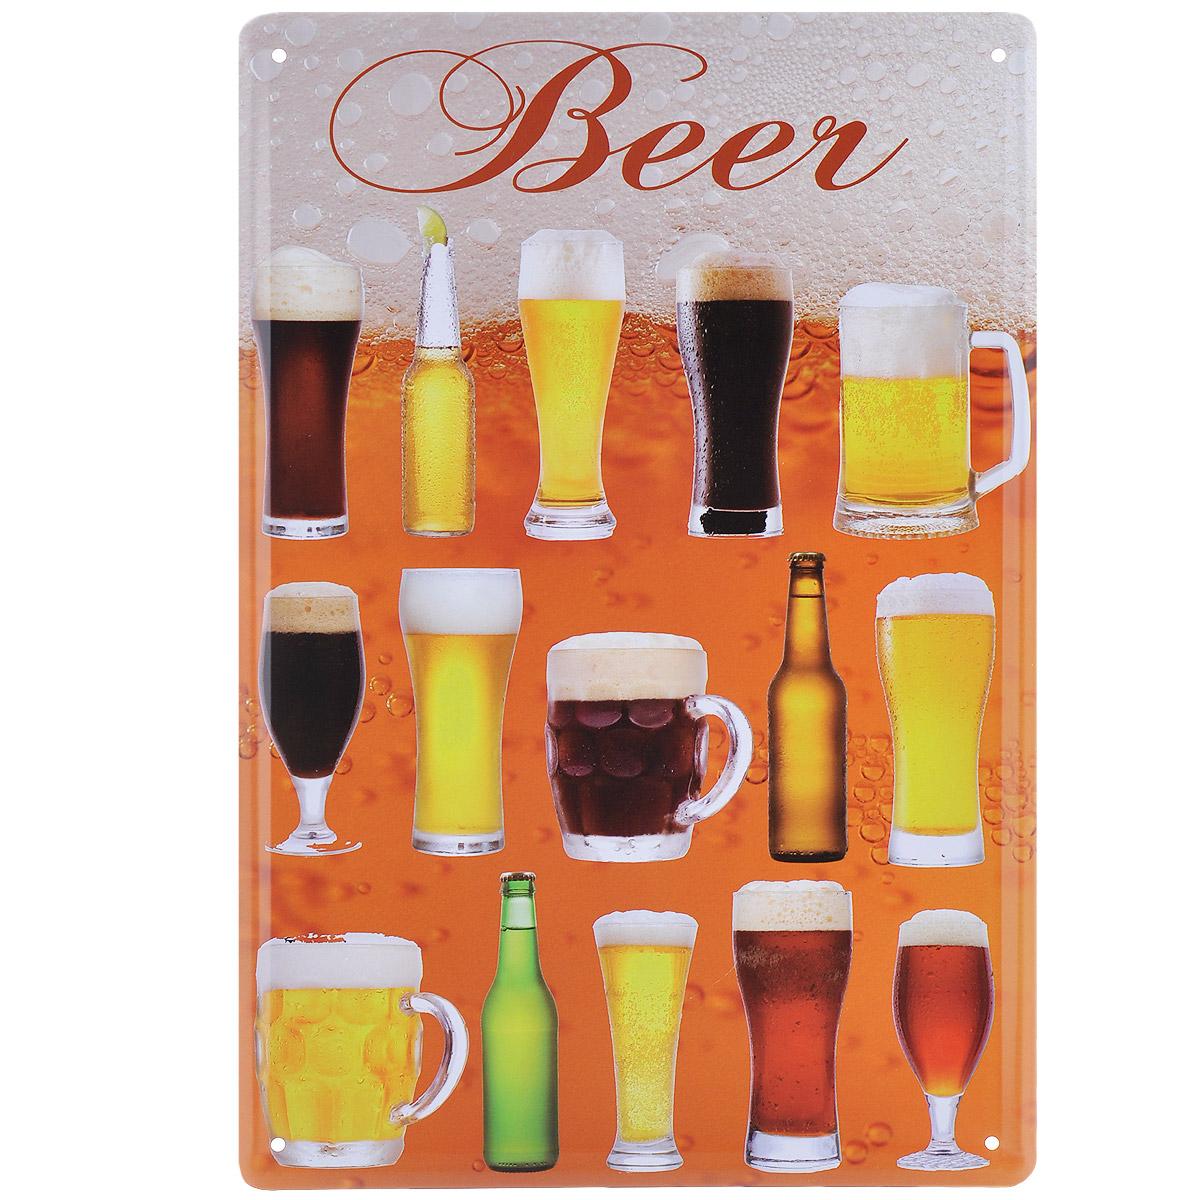 Постер Феникс-презент Пиво, 20 см х 30 см37432Постер Феникс-презент Пиво выполнен из черного металла. На постере изображены бокалы и бутылки с пивом. Постер заинтересует всех любителей оригинальных вещиц и доставит массу положительных эмоций своему обладателю. Картина для интерьера (постер) - современное и актуальное направление в дизайне любых помещений. Постер может использоваться для оформления любых интерьеров: - дом, квартира (гостиная, спальня, кухня); - офис (комната переговоров, холл, кабинет); - бар, кафе, ресторан или гостиница. Из мелочей складывается стиль интерьера. Постер Феникс-презент Пиво одна из тех деталей, которые придают интерьеру обжитой вид и создают ощущение уюта.